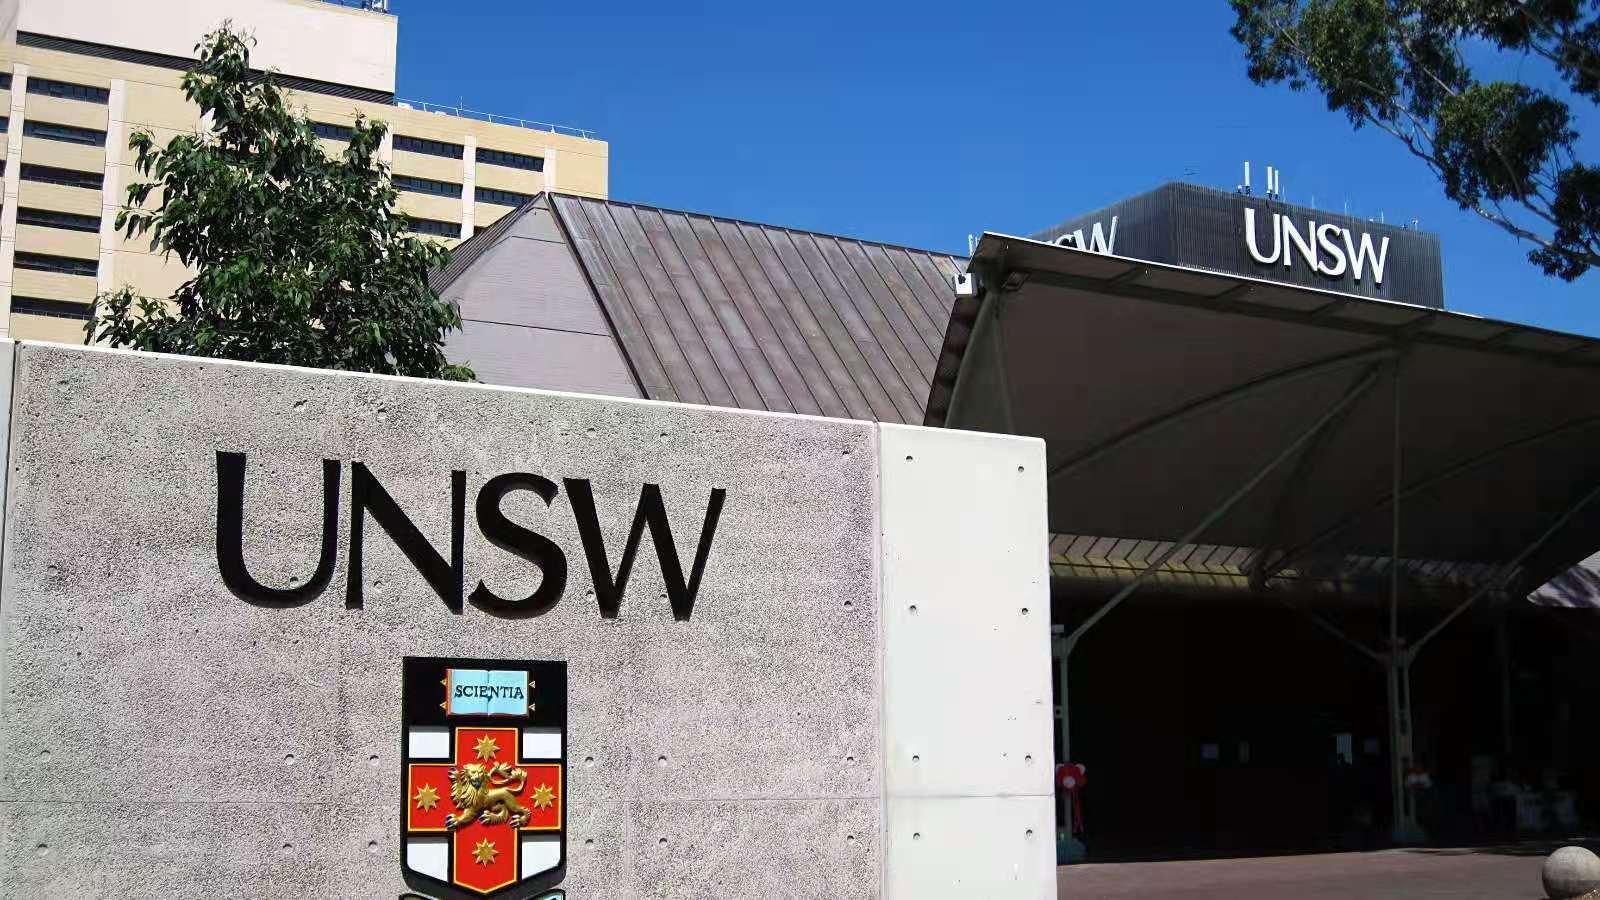 新南威尔士大学 UNSW - Master of International Business (国际商务硕士 MIB) 详解